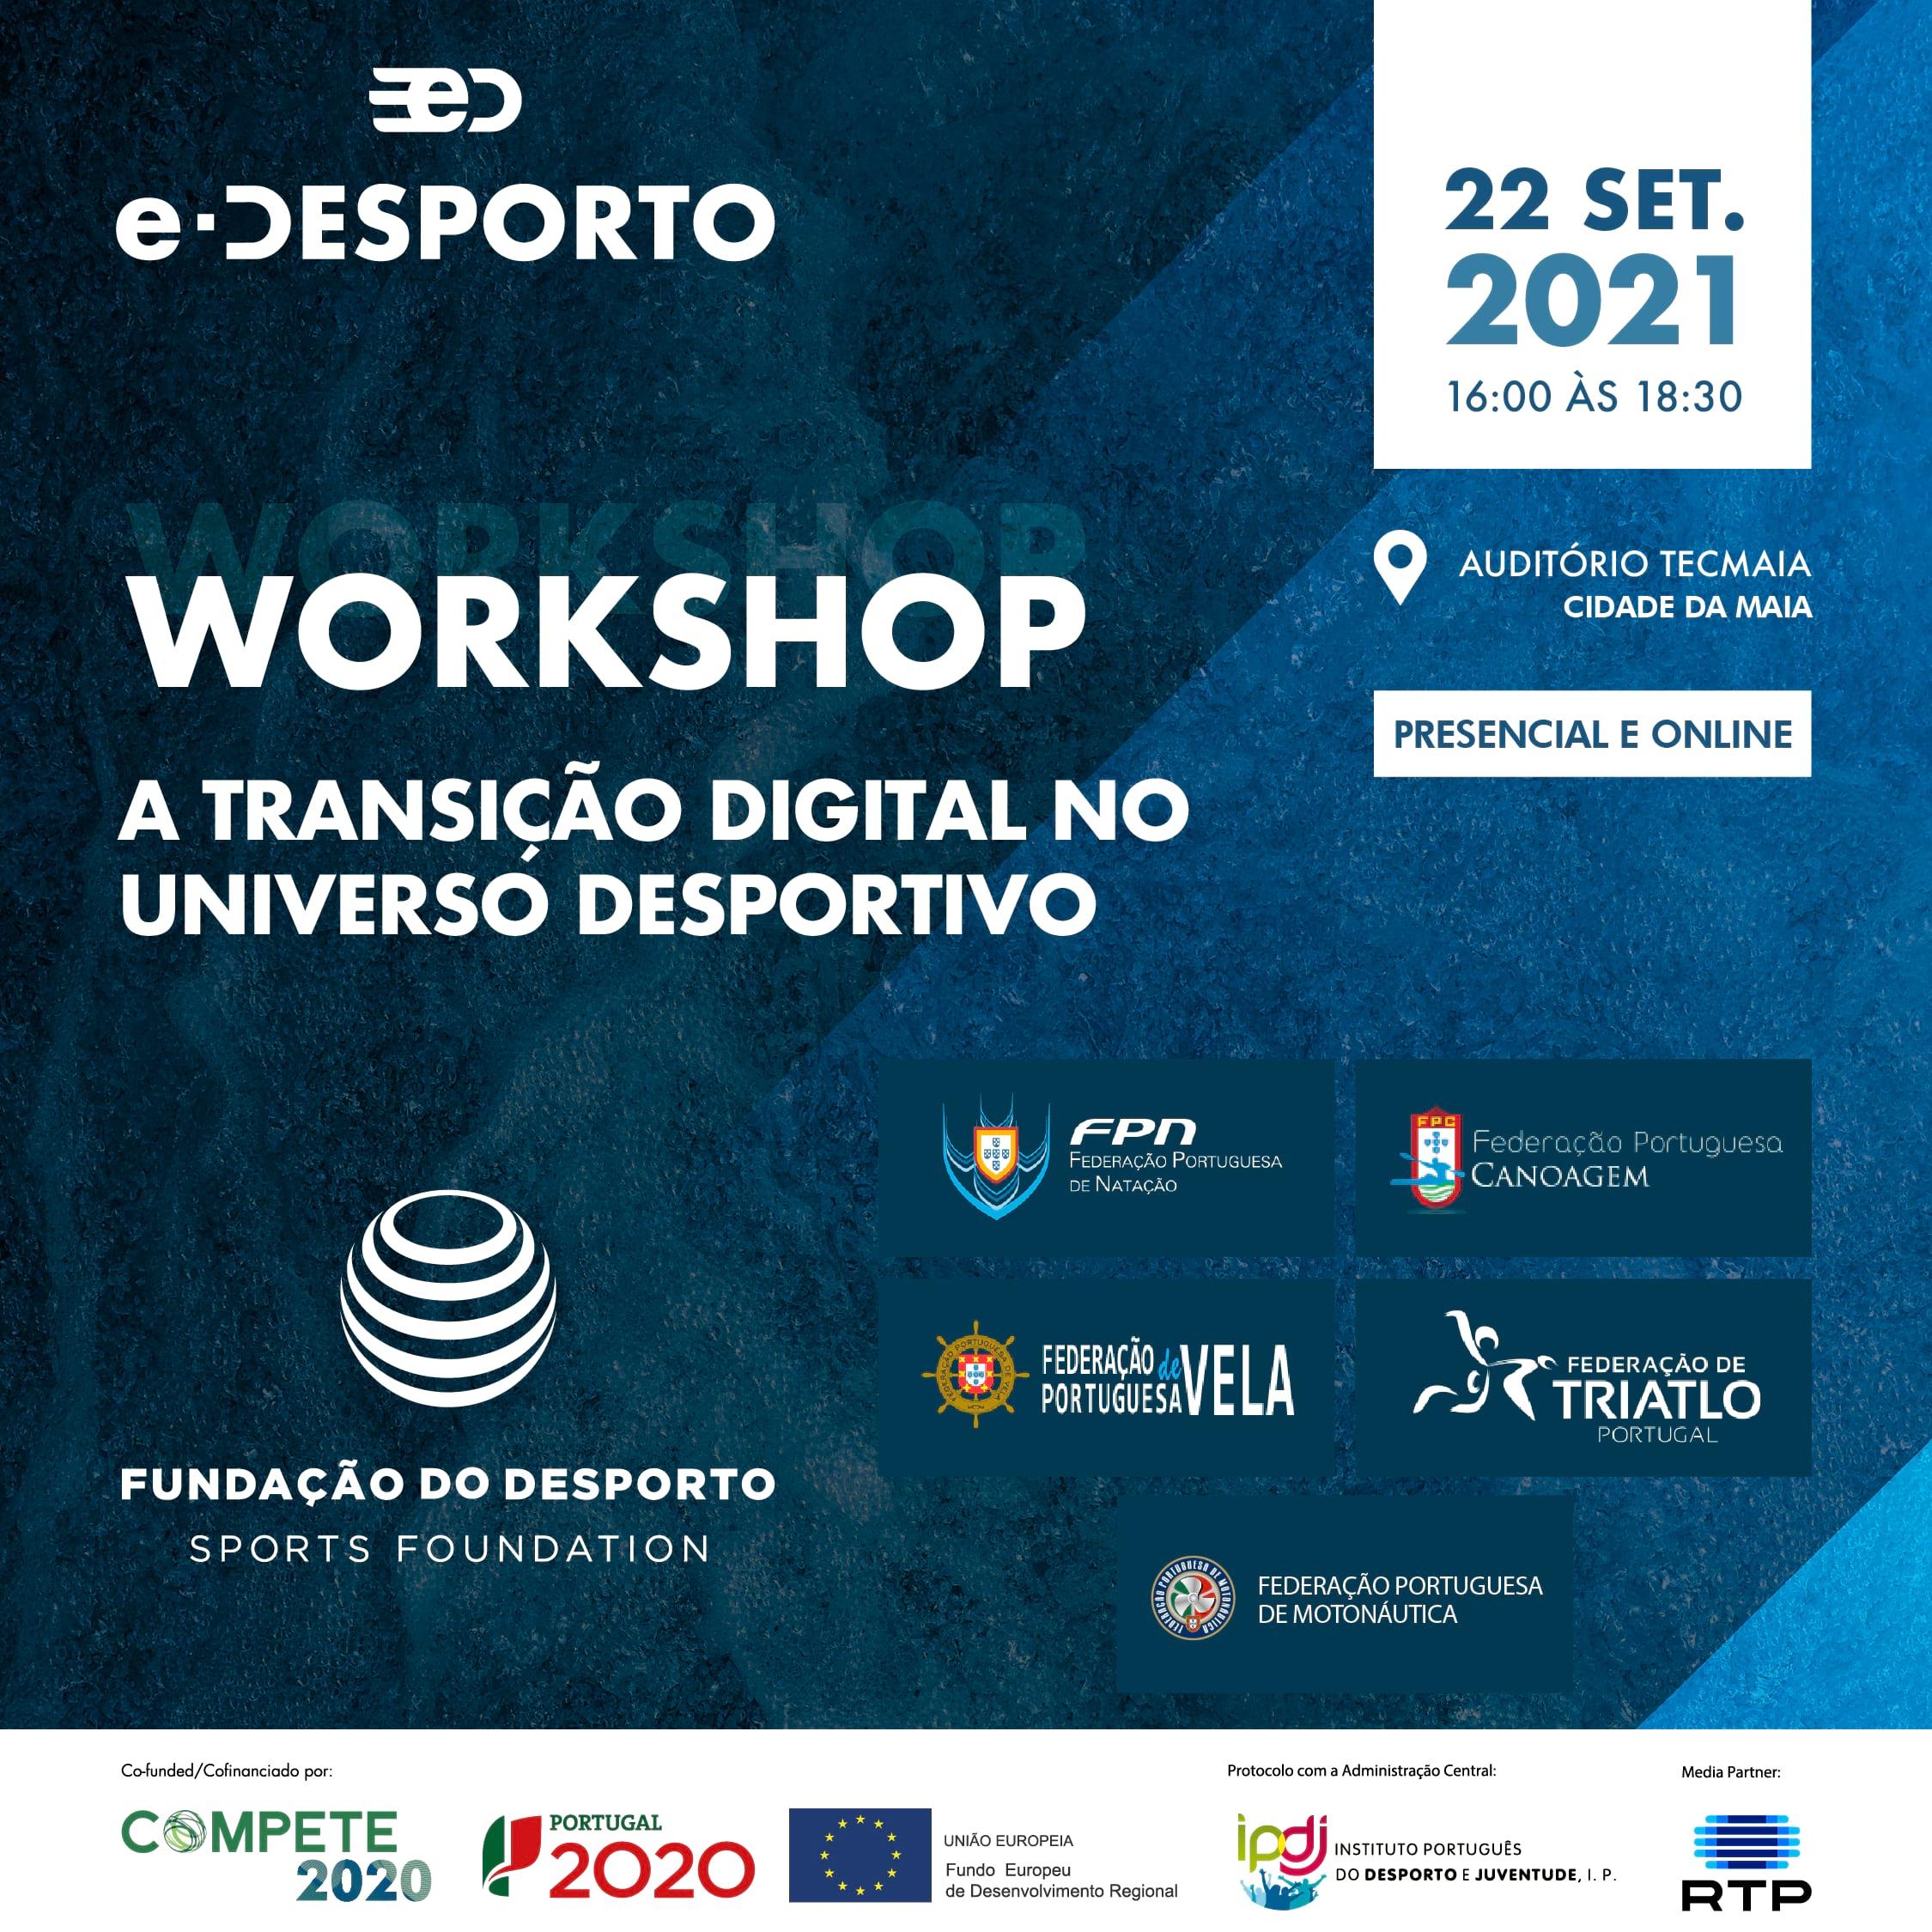 Transição Digital no Universo Desportivo em Workshop na Maia, 22 de setembro de 2021